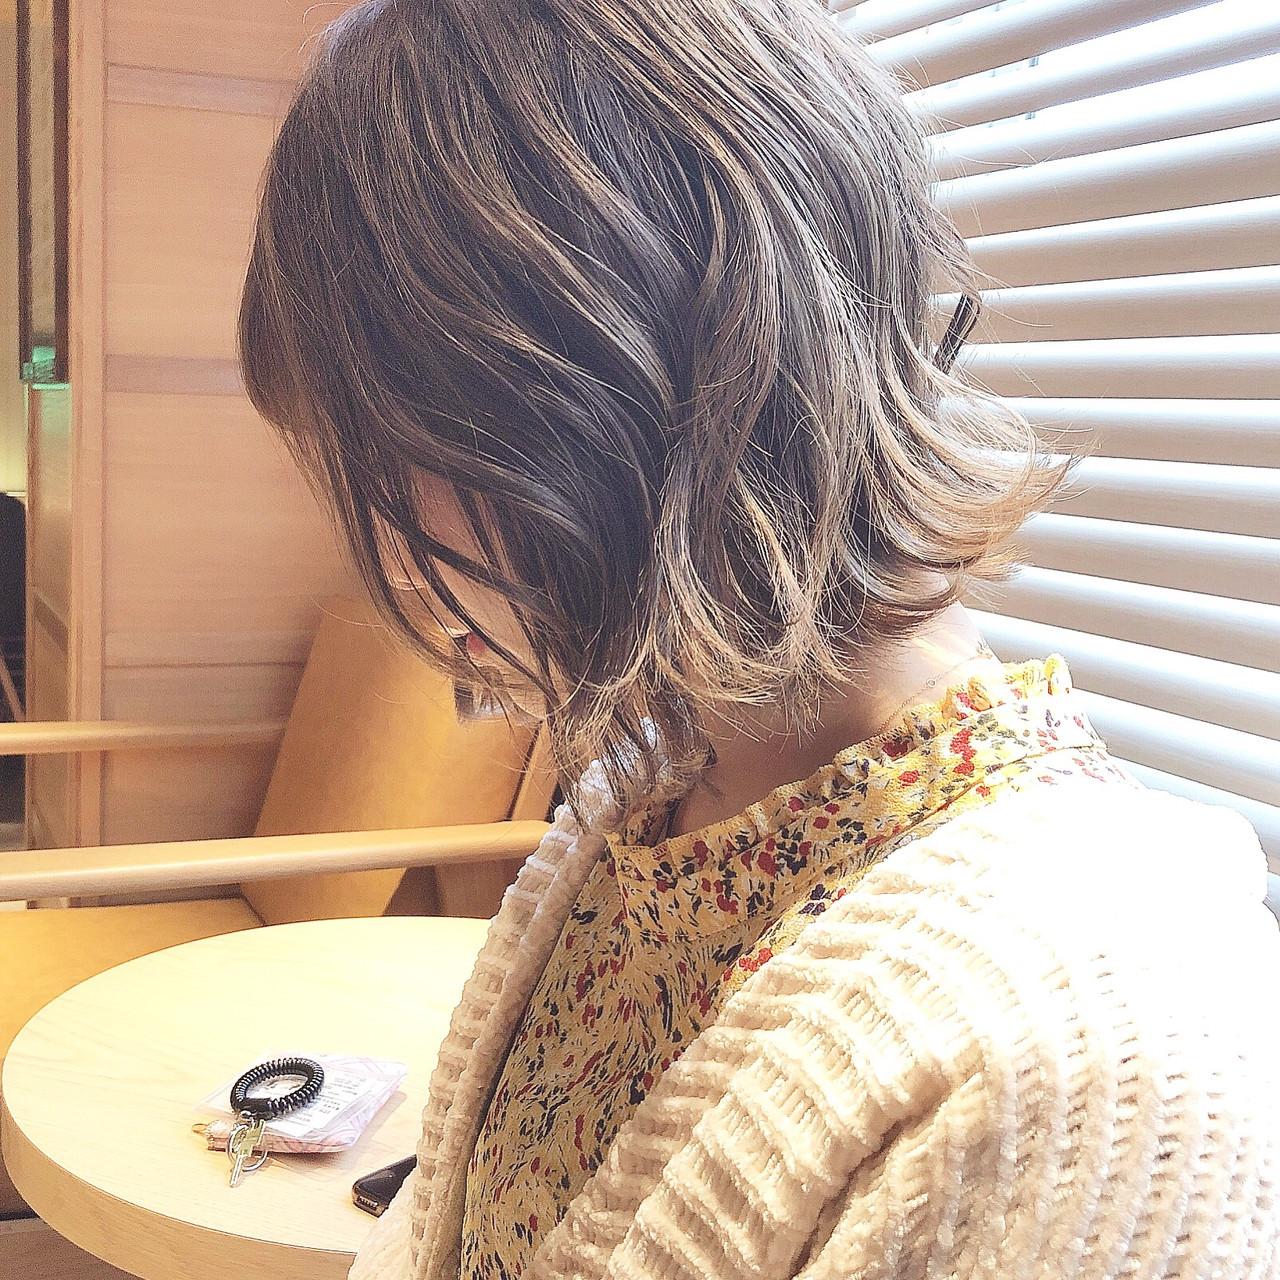 アンニュイほつれヘア デート 大人かわいい 切りっぱなし ヘアスタイルや髪型の写真・画像 | 『ボブ美容師』永田邦彦 表参道 / send by HAIR